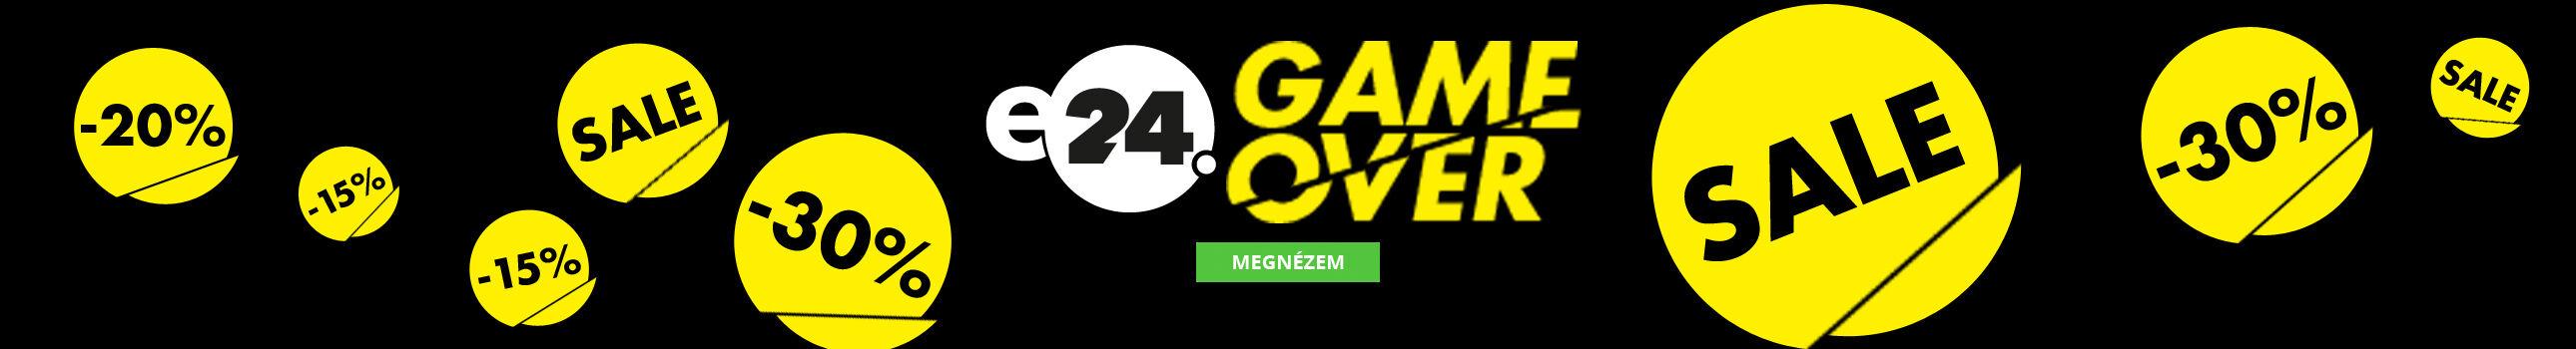 Nézd meg GameOver ajánlatainkat